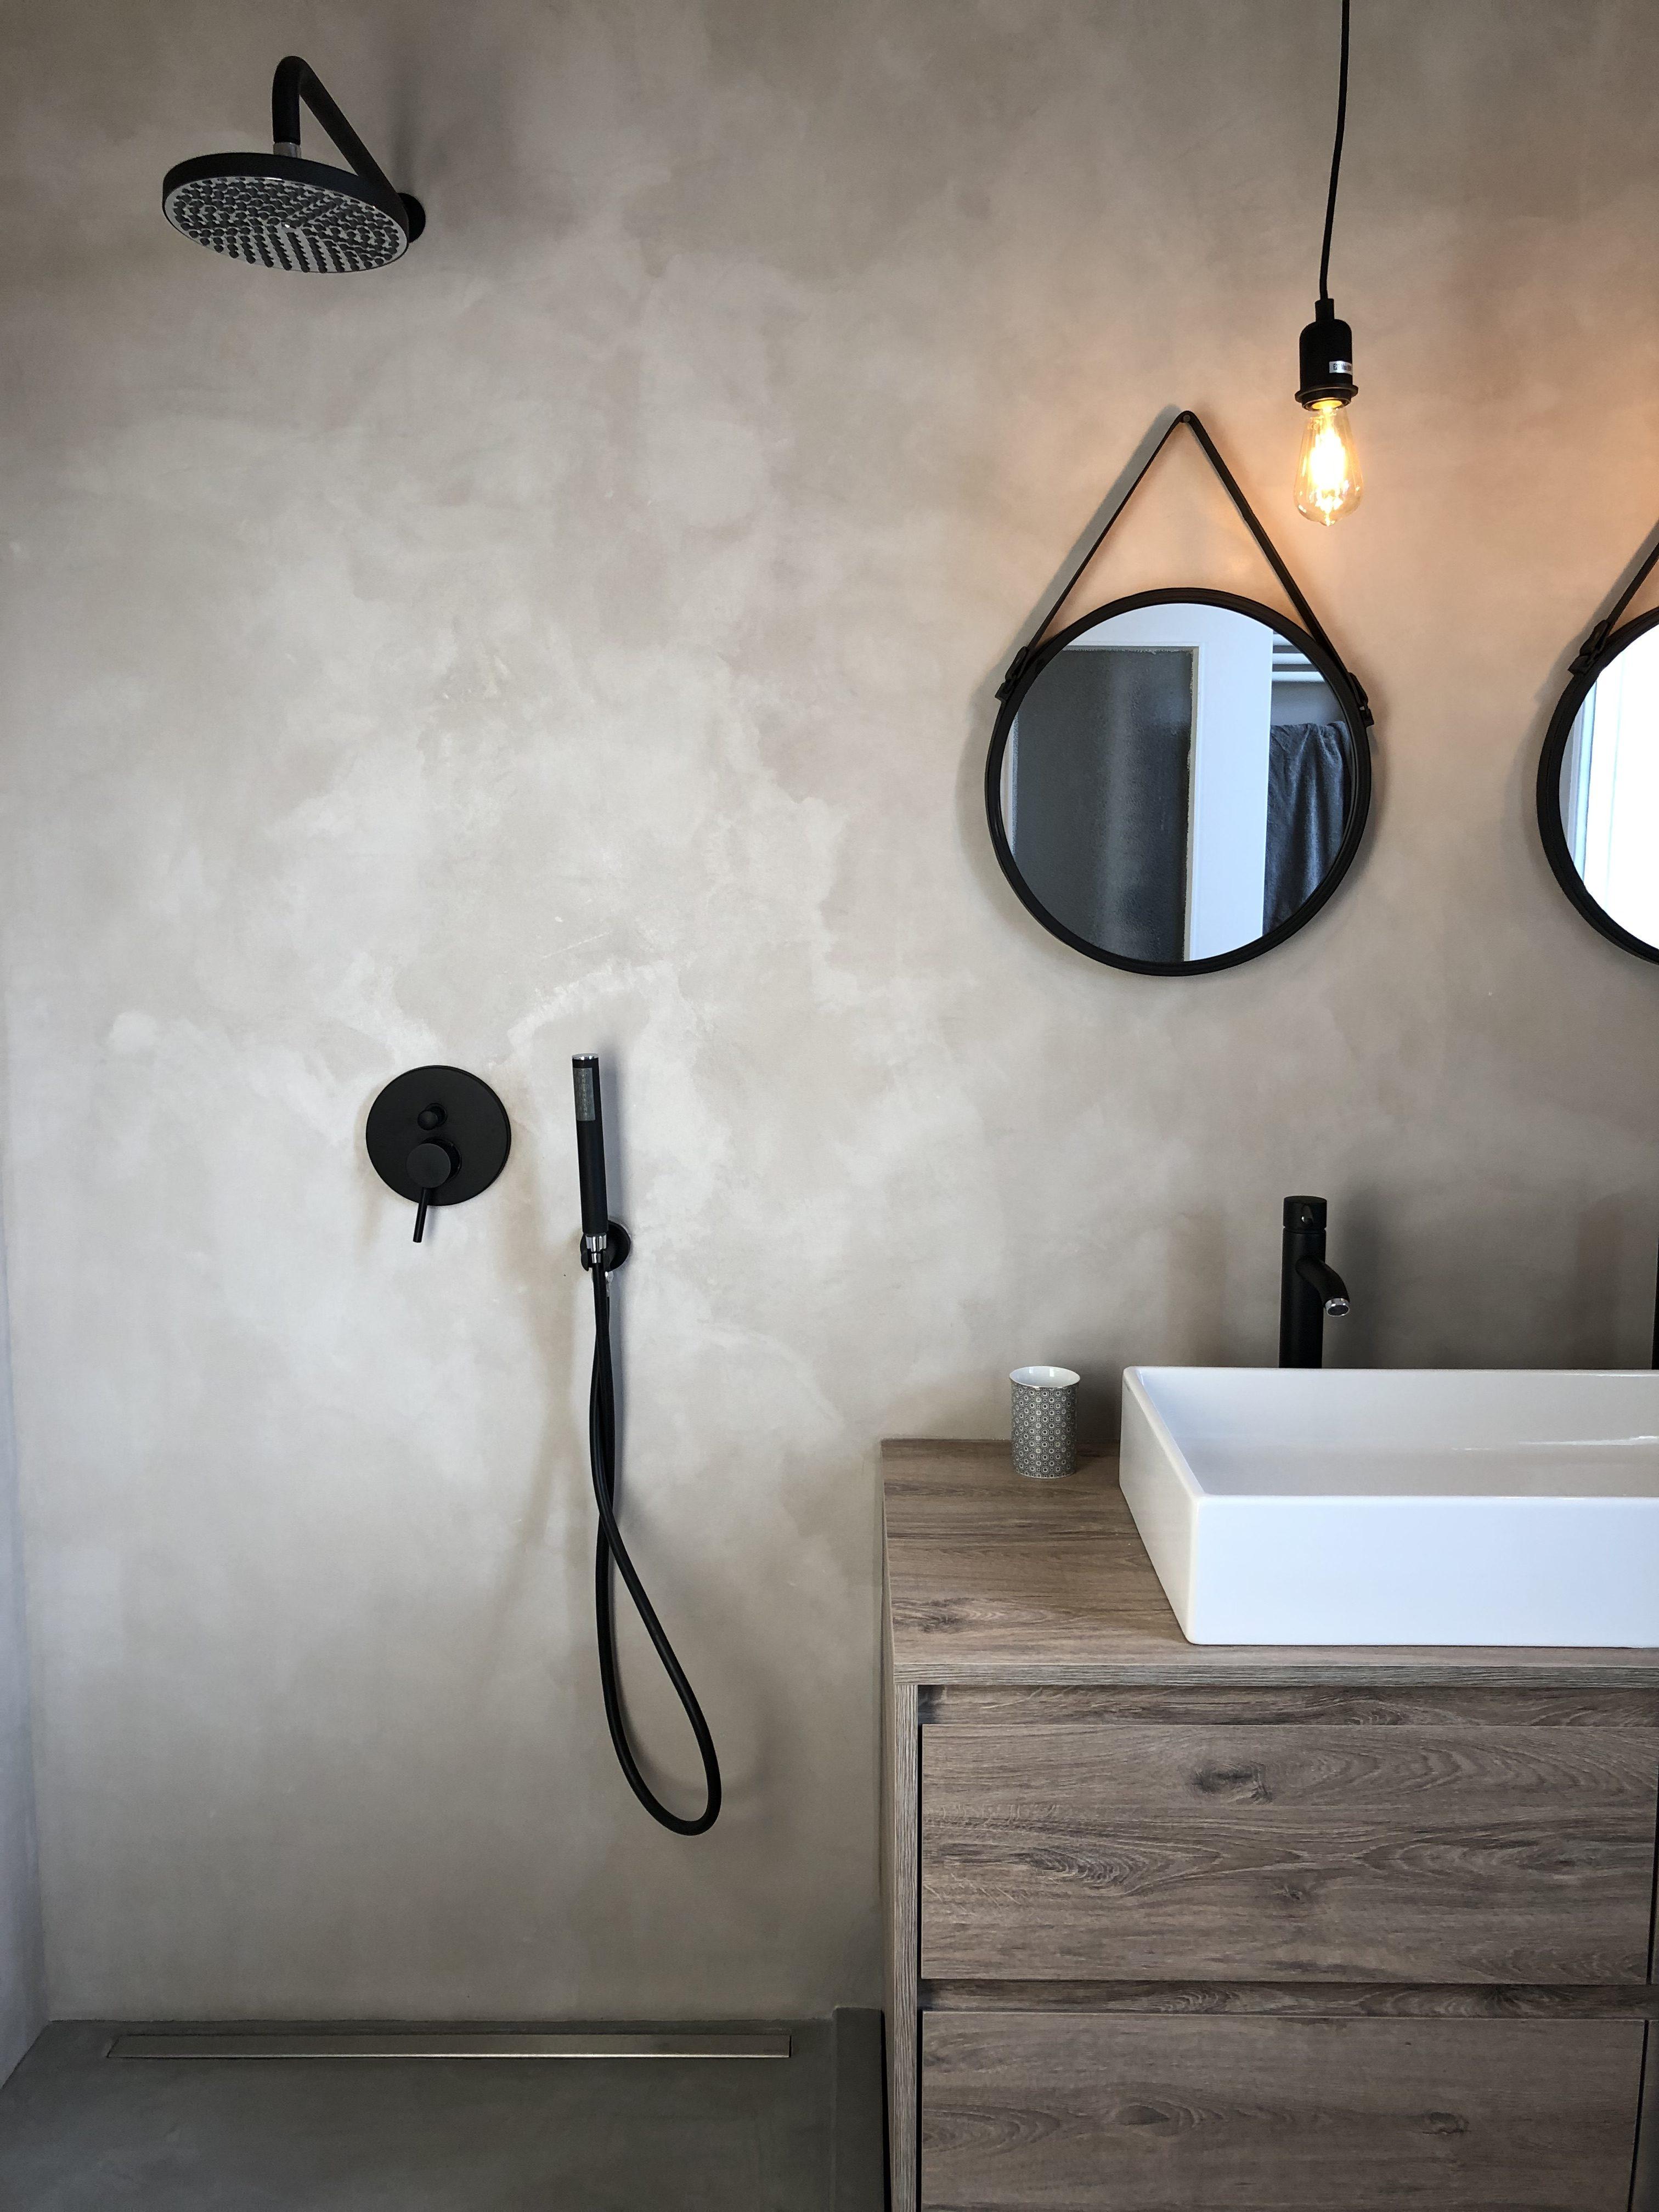 Salle De Bain Industrielle rénovation d'une salle de bain dans un style industriel chic